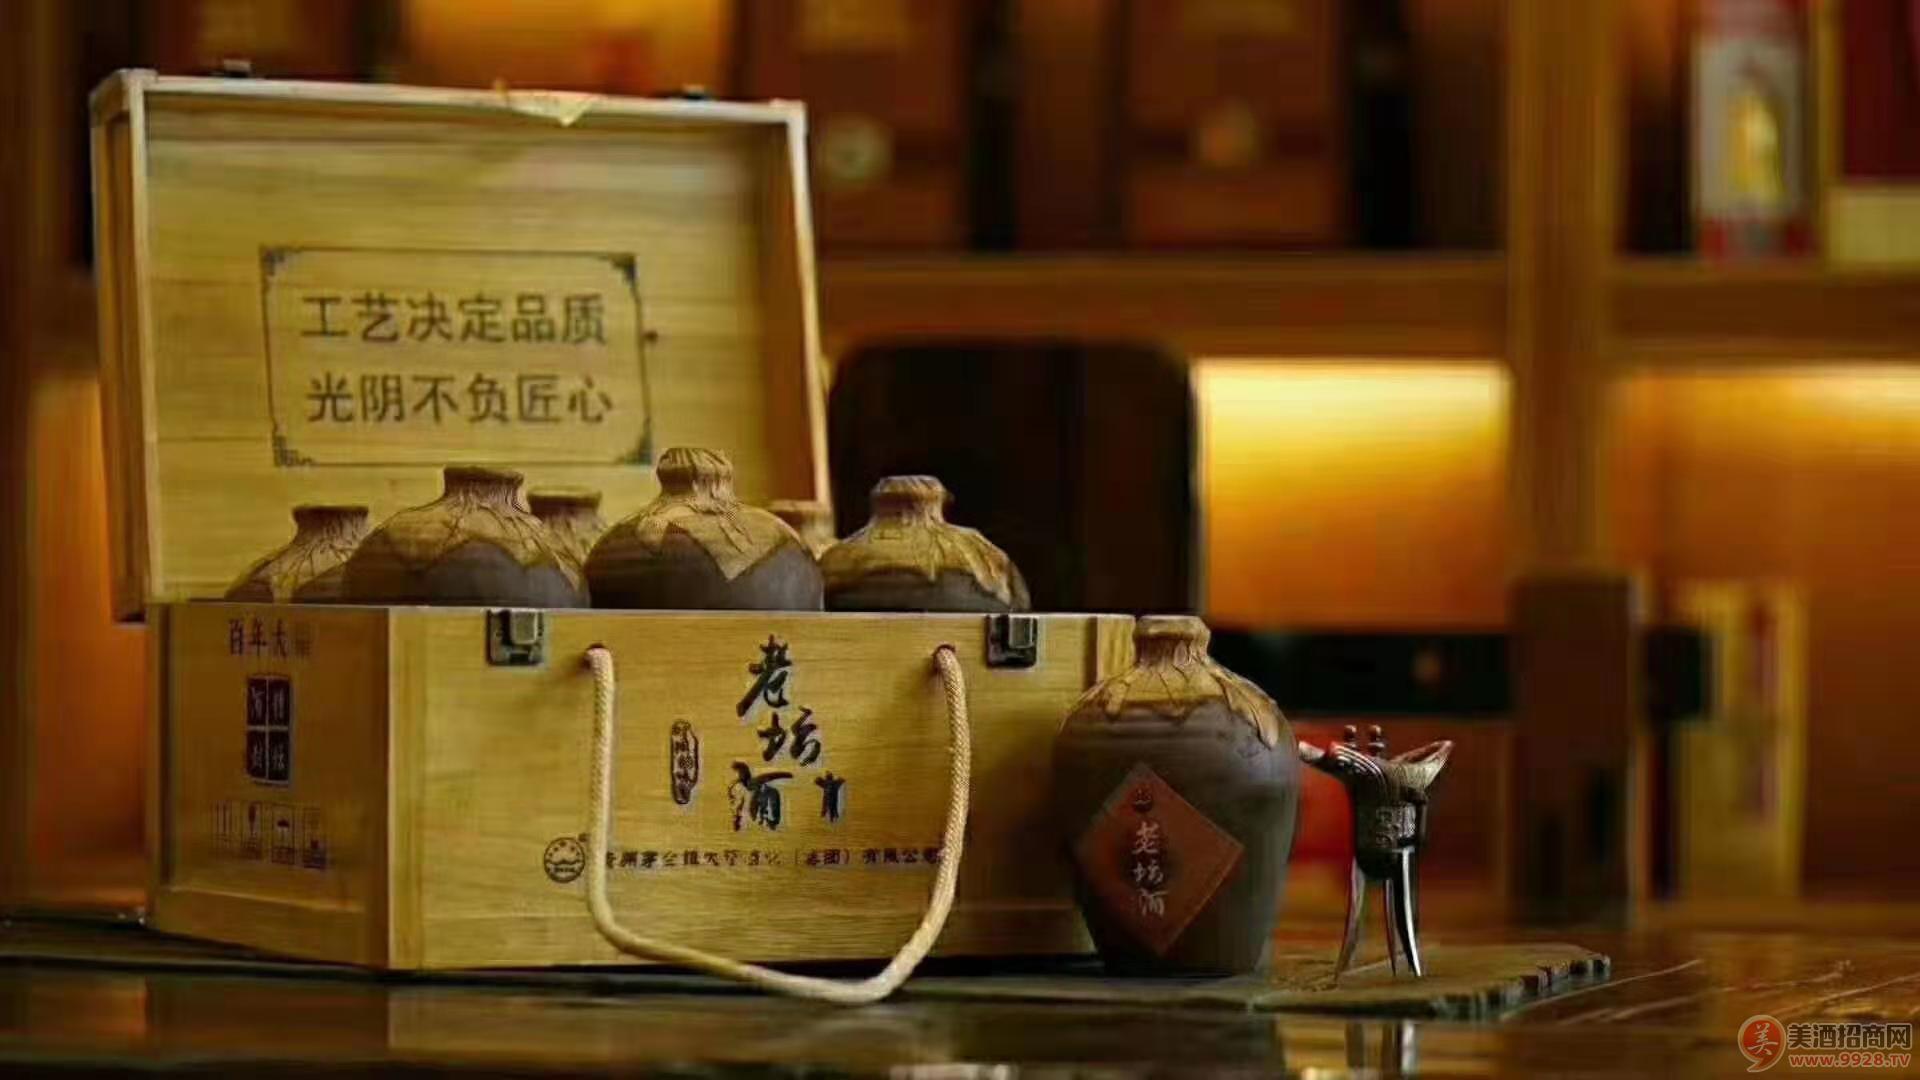 茅台老坛酒